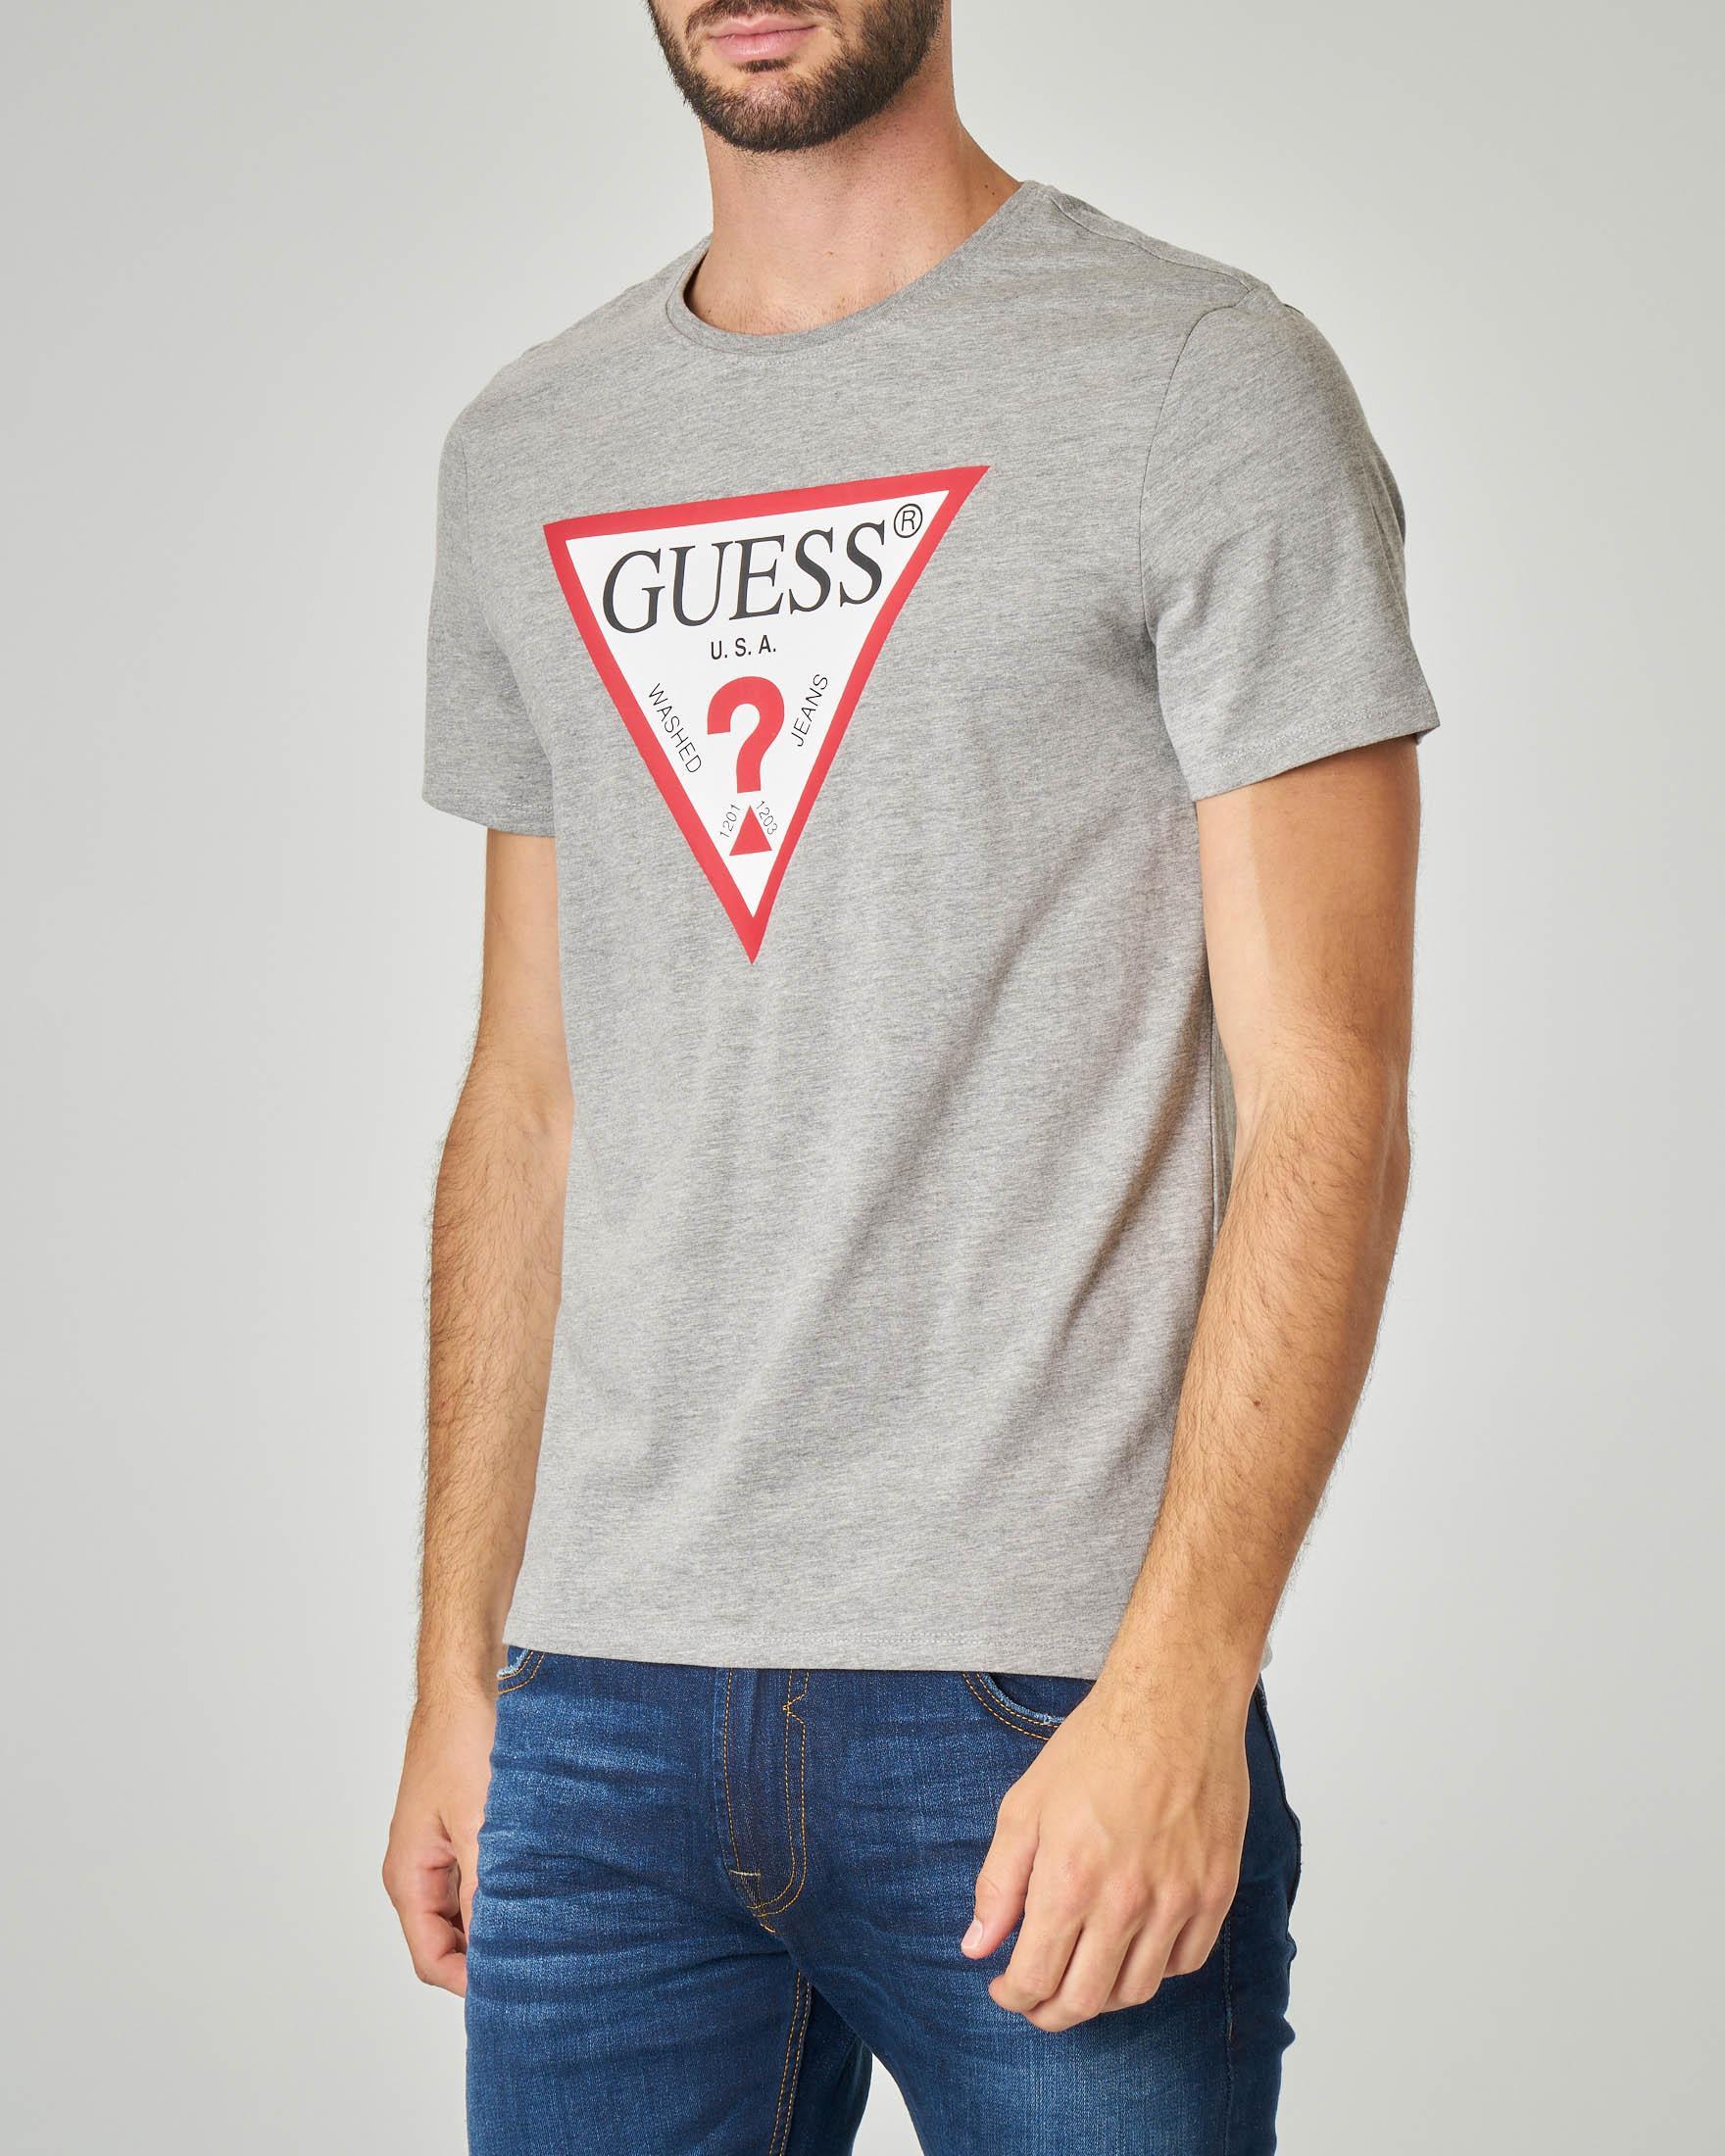 GUESS T shirt con logo triangolo